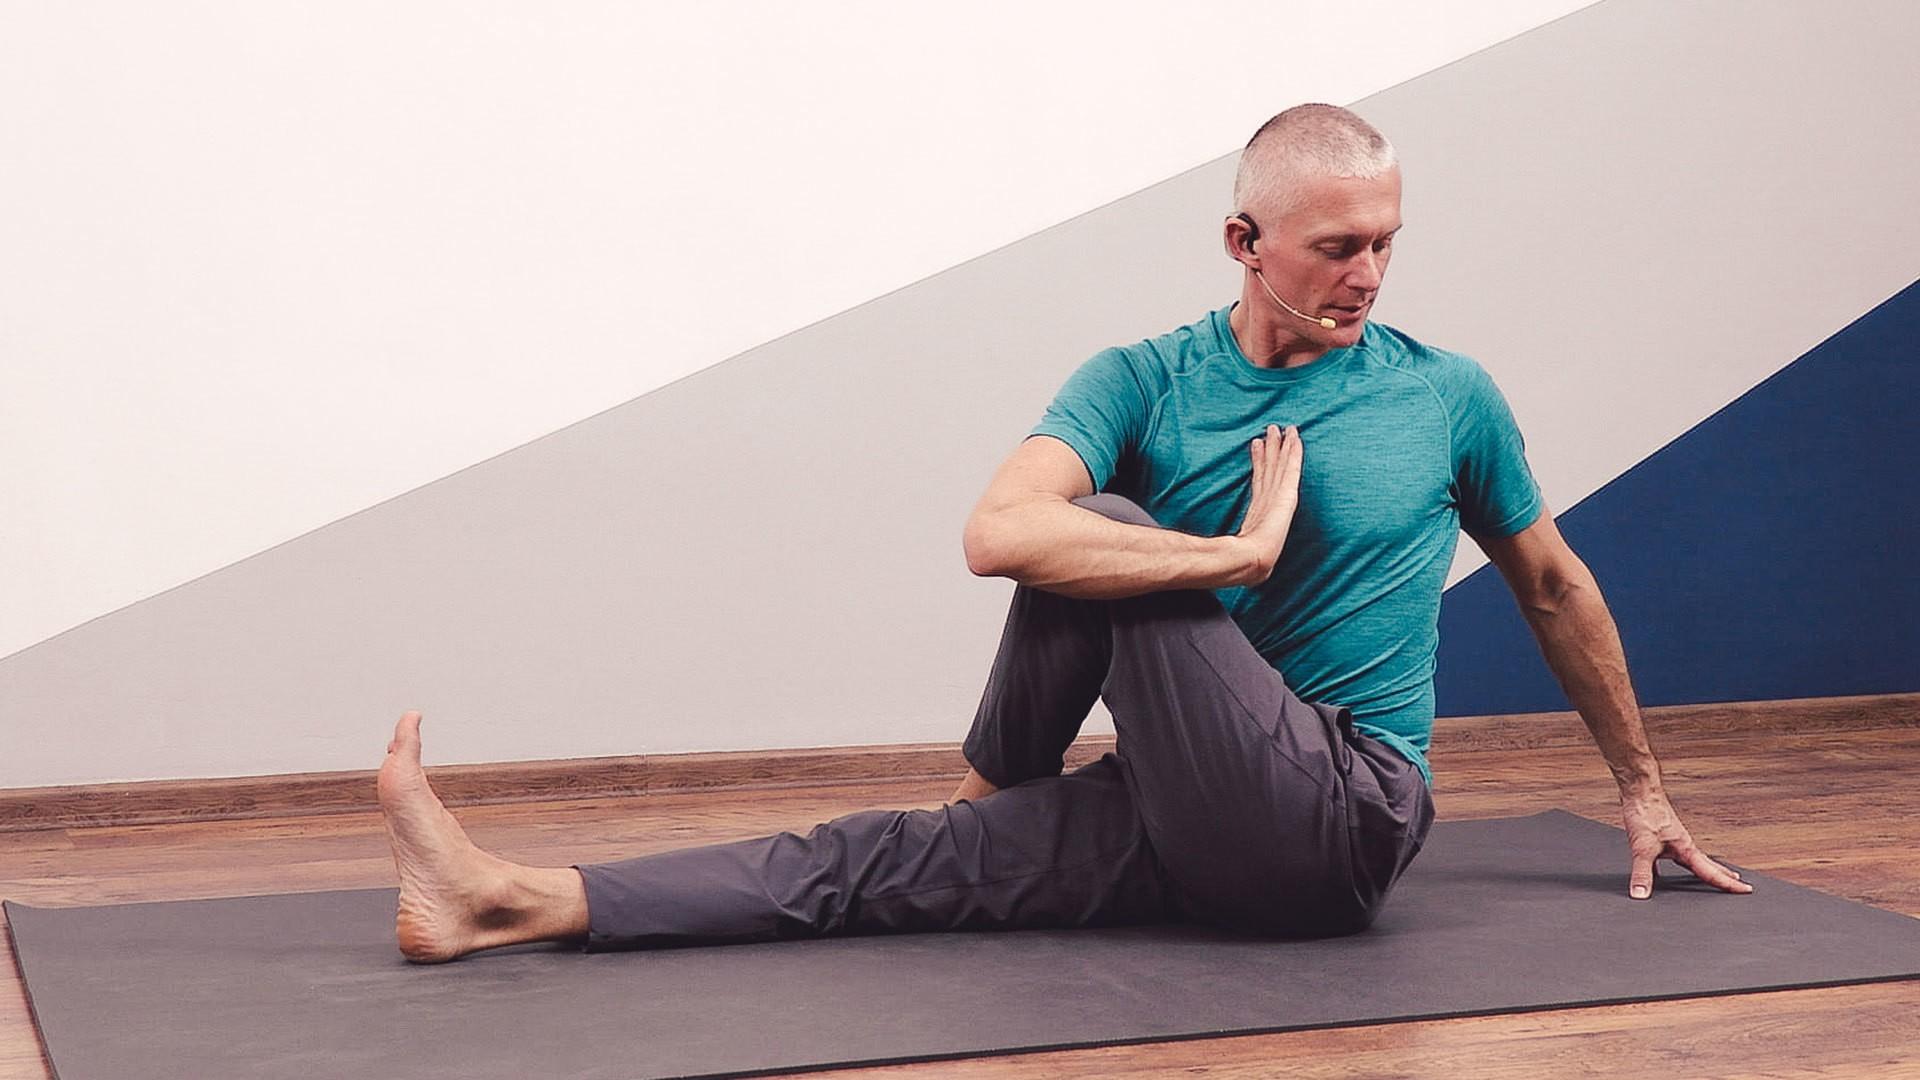 یوگا؛ تاثیرات آن بر سلامت جسم و روان